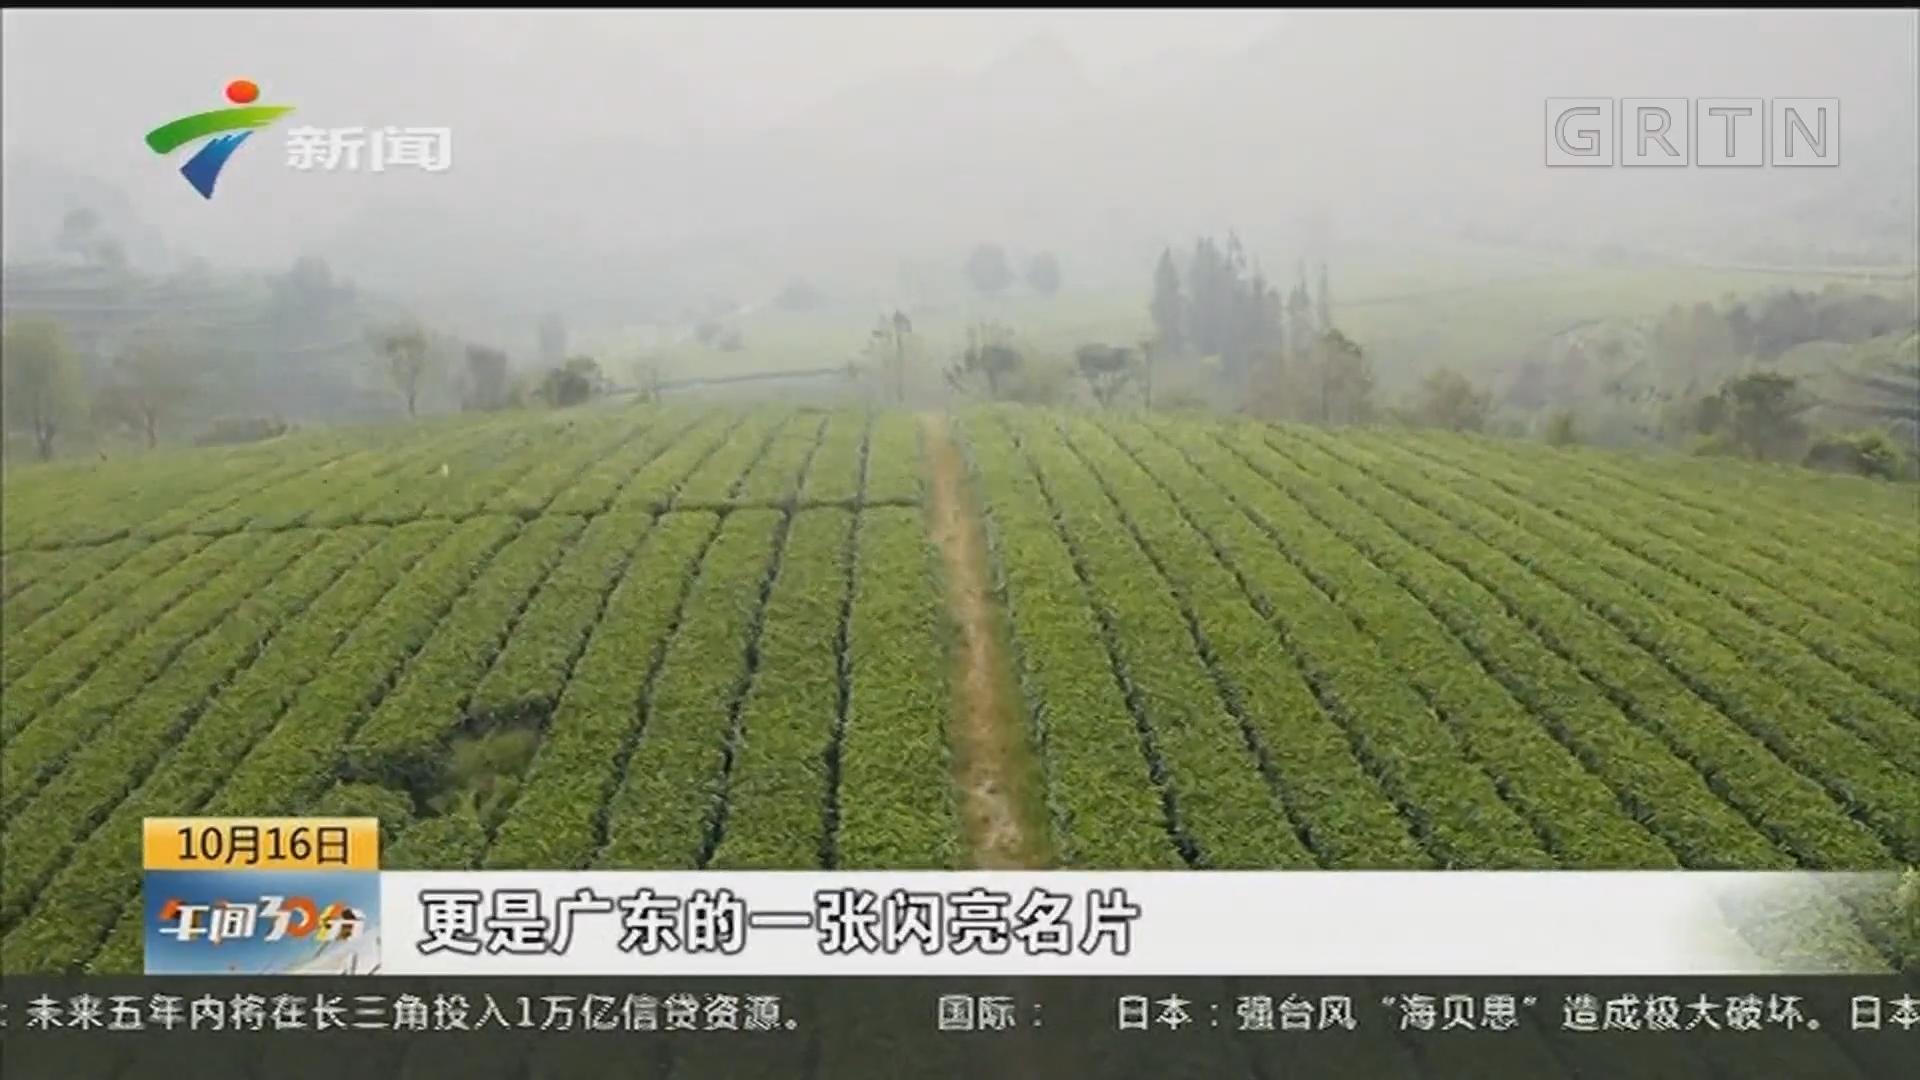 发现广东:一片叶子 一方产业